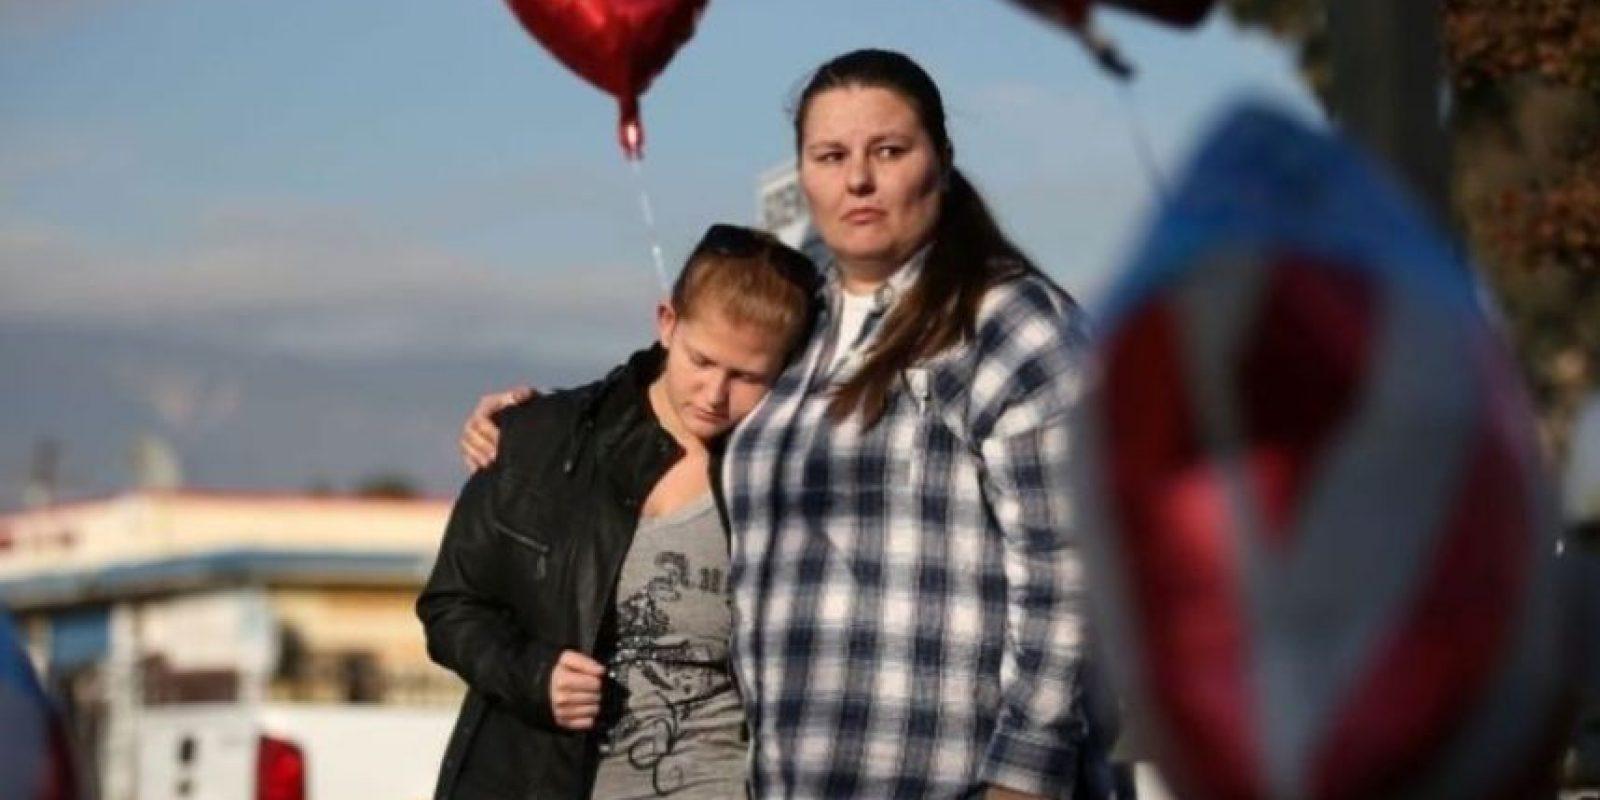 La pareja decidió realizar los ataques durante una fiesta navideña para empleados Foto:AFP